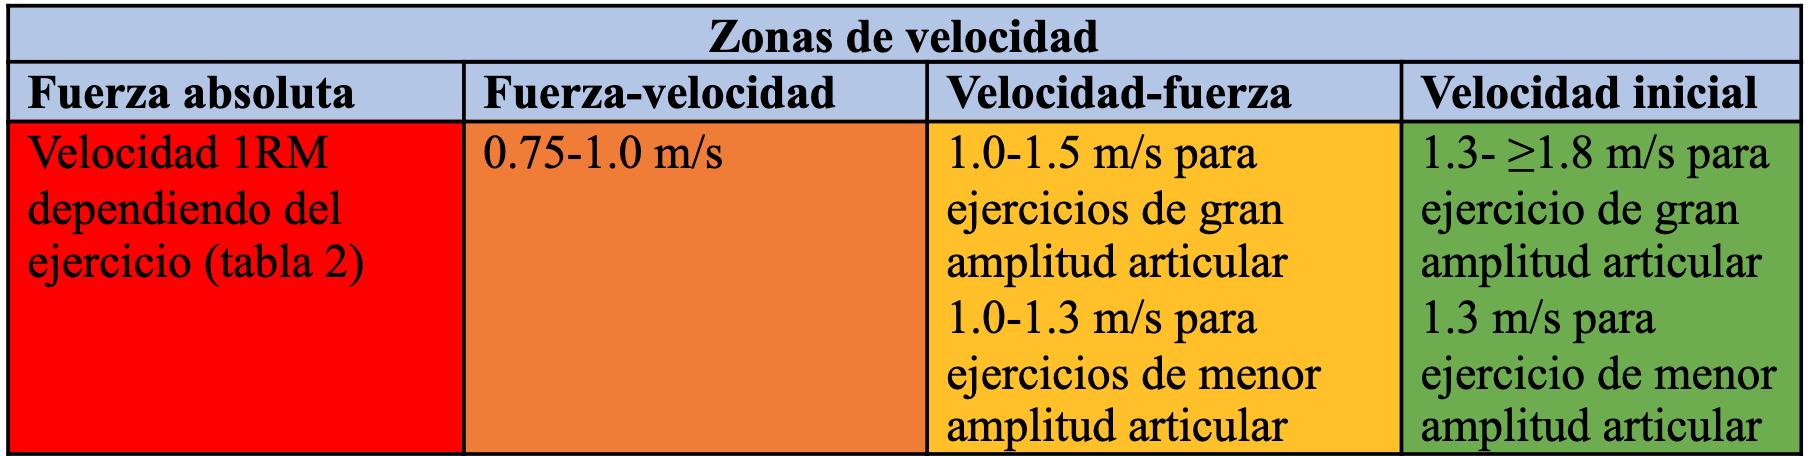 el-entrenamiento-basado-en-la-velocidad-para-zonas-velocidad-especificas